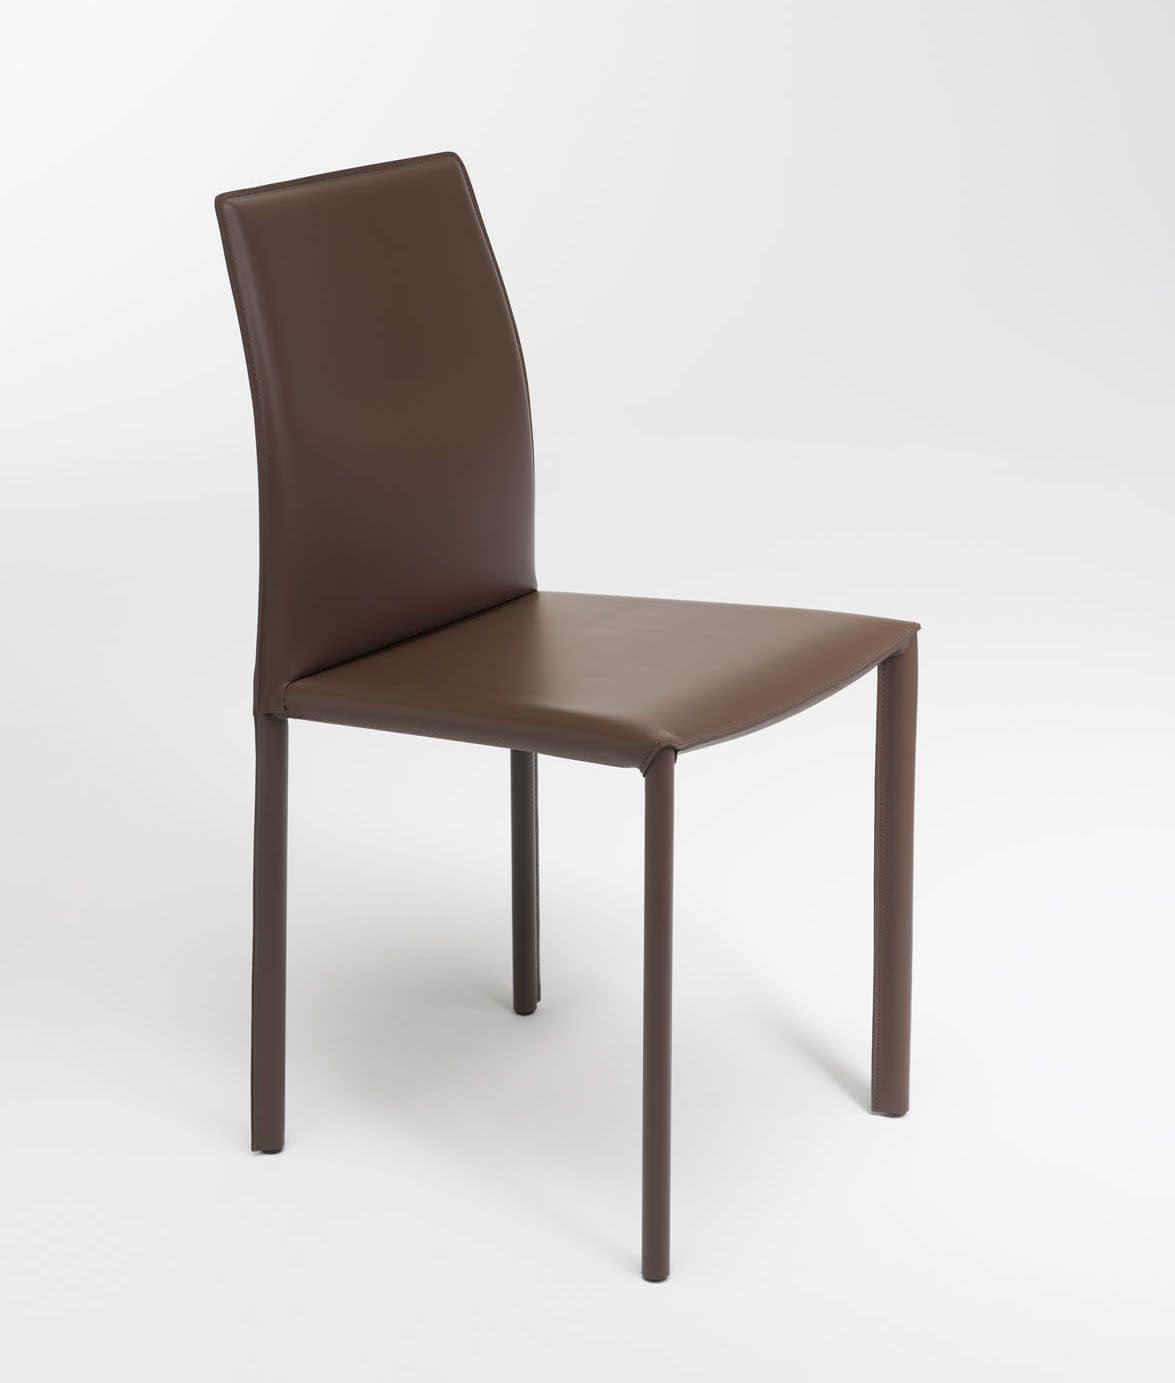 Sedia moderna rivestita in cuoio rigenerato disponibile for Sedie cuoio rigenerato